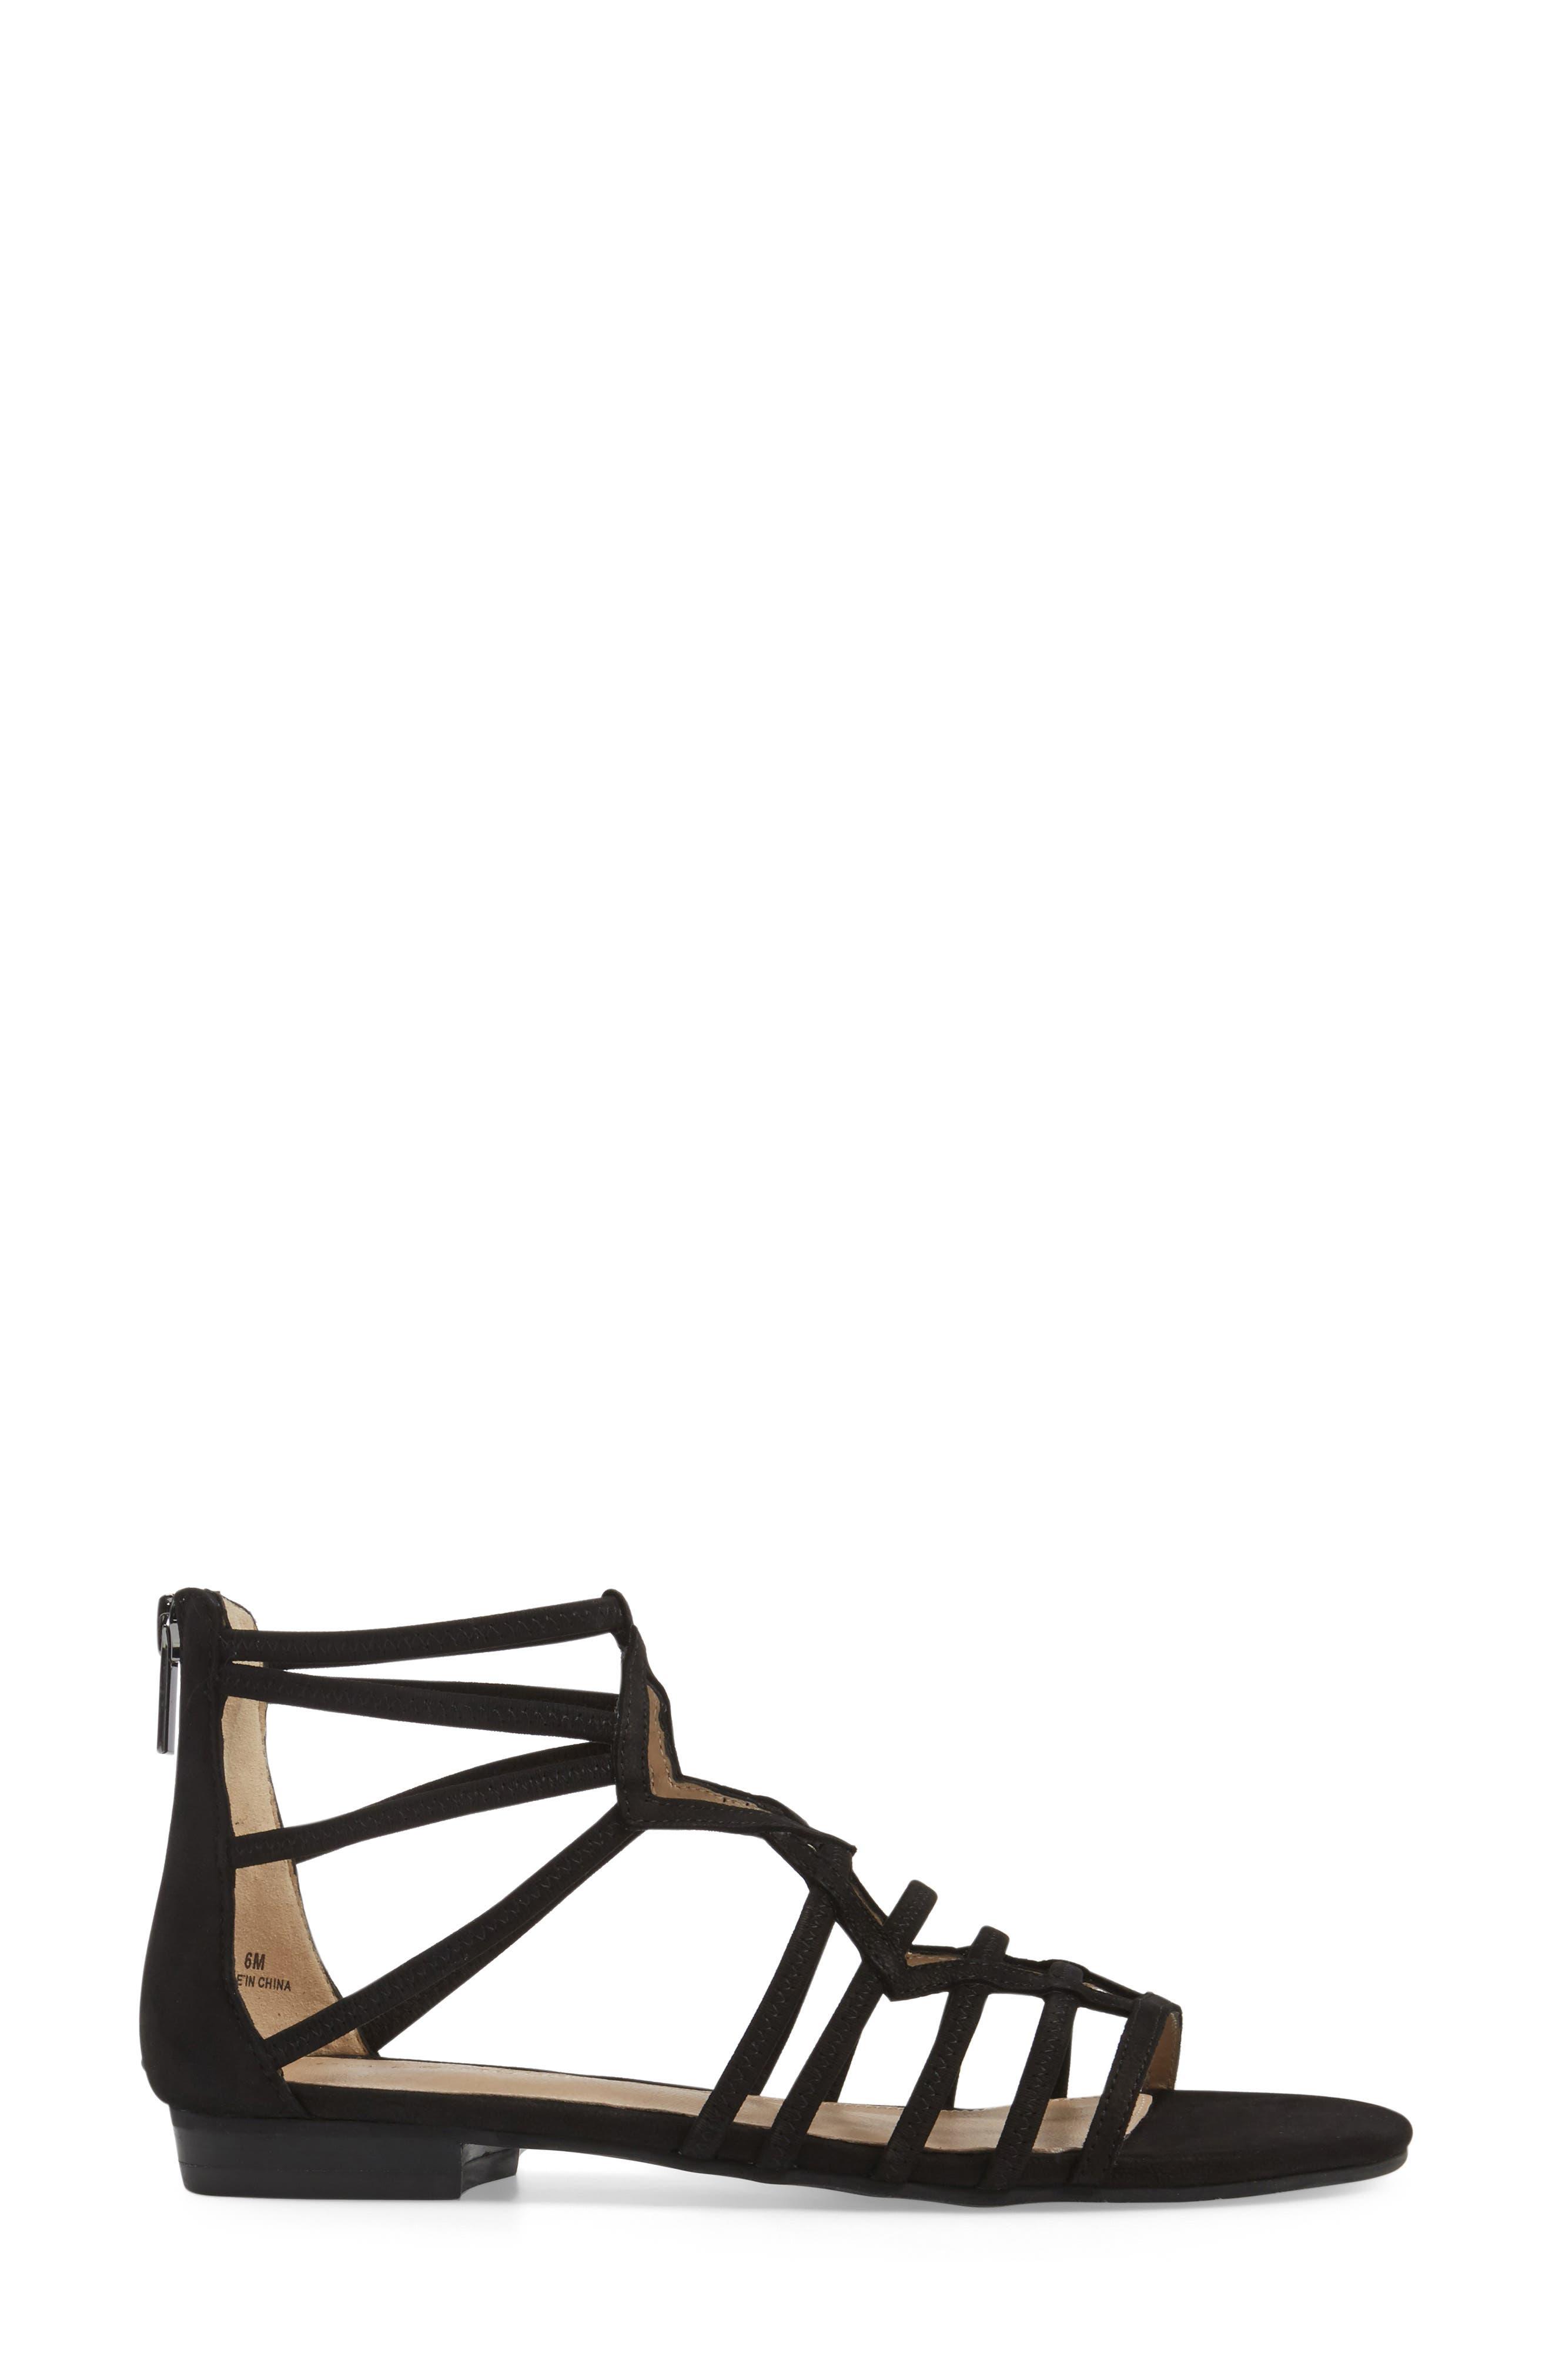 Alternate Image 3  - Pelle Moda Brazil Strappy Sandal (Women)